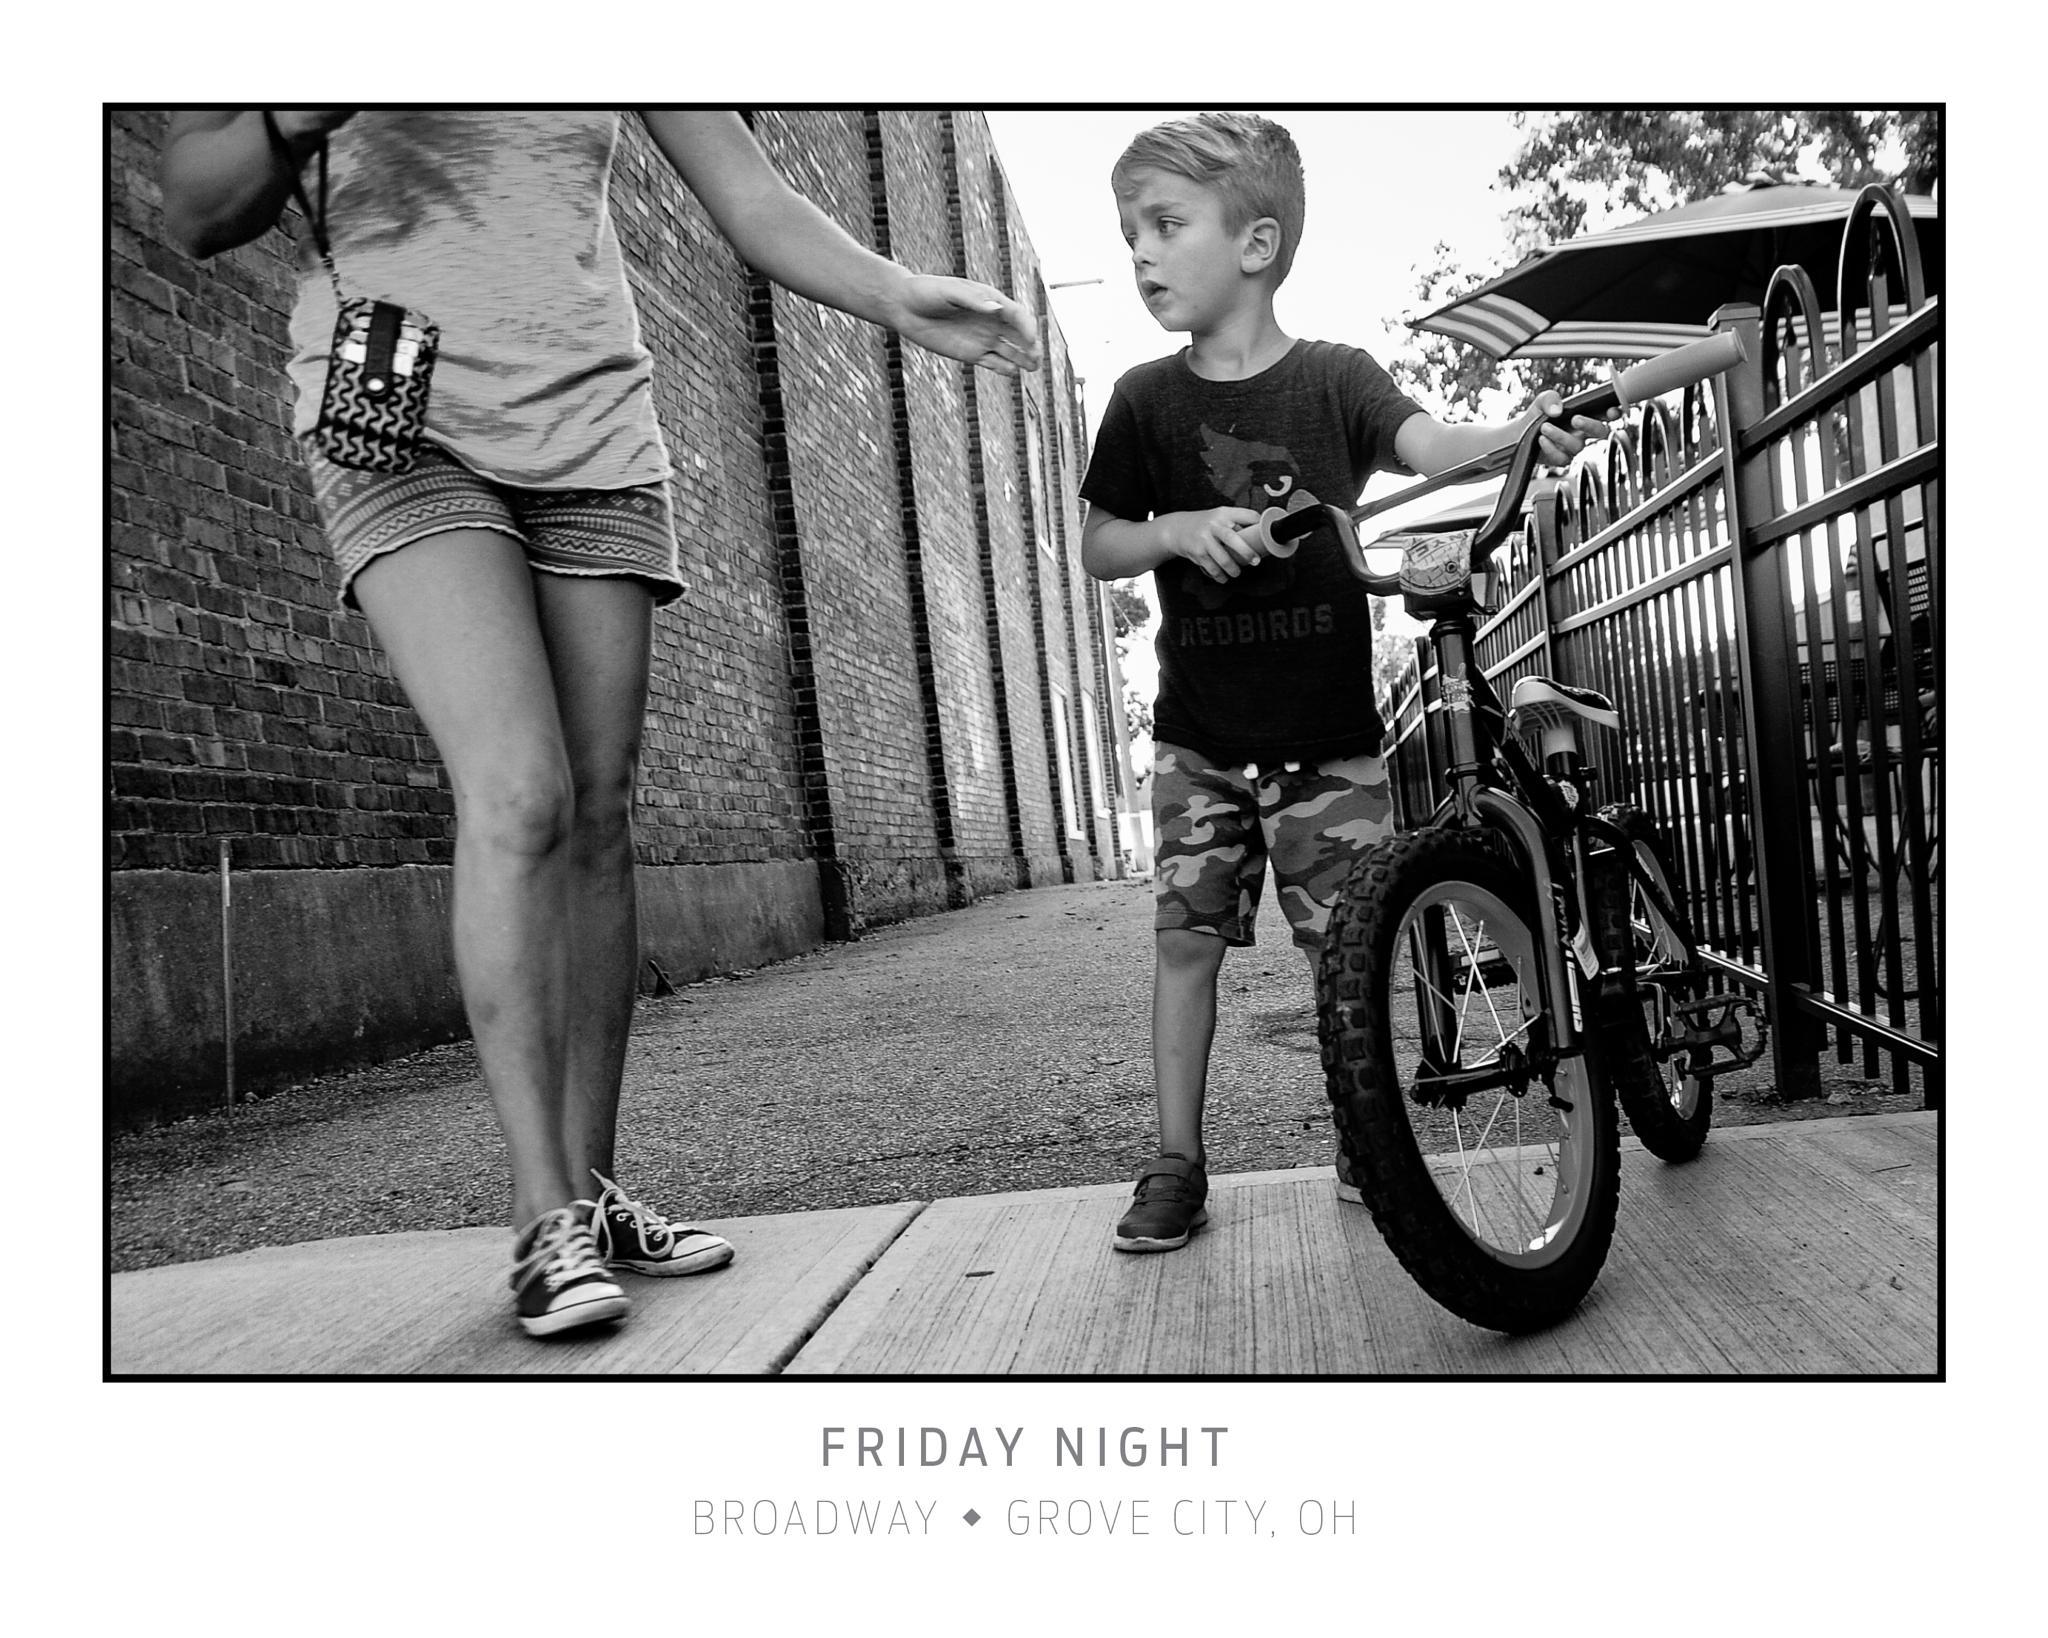 Friday Night by Sean P. Duffy